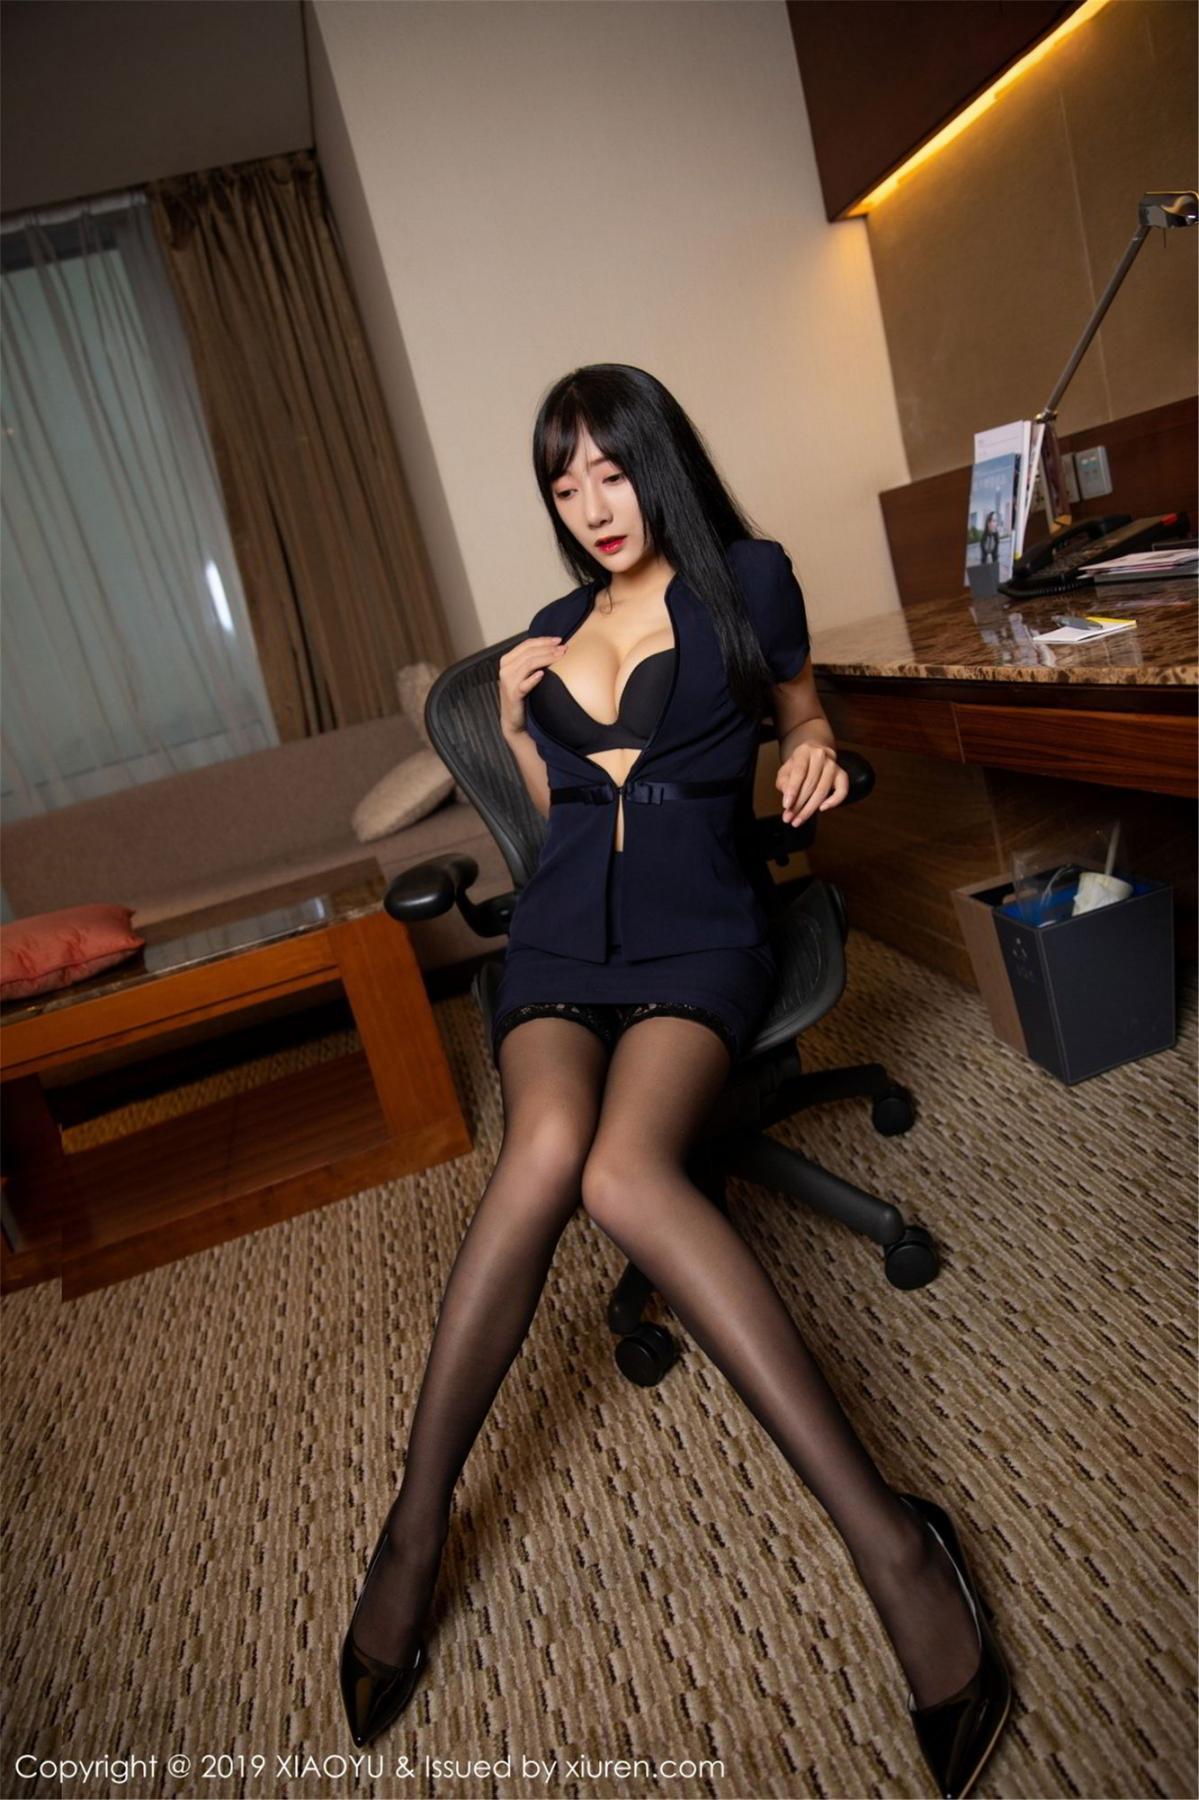 [XiaoYu] Vol.068 He Jia Ying 21P, Black Silk, He Jia Ying, Uniform, XiaoYu